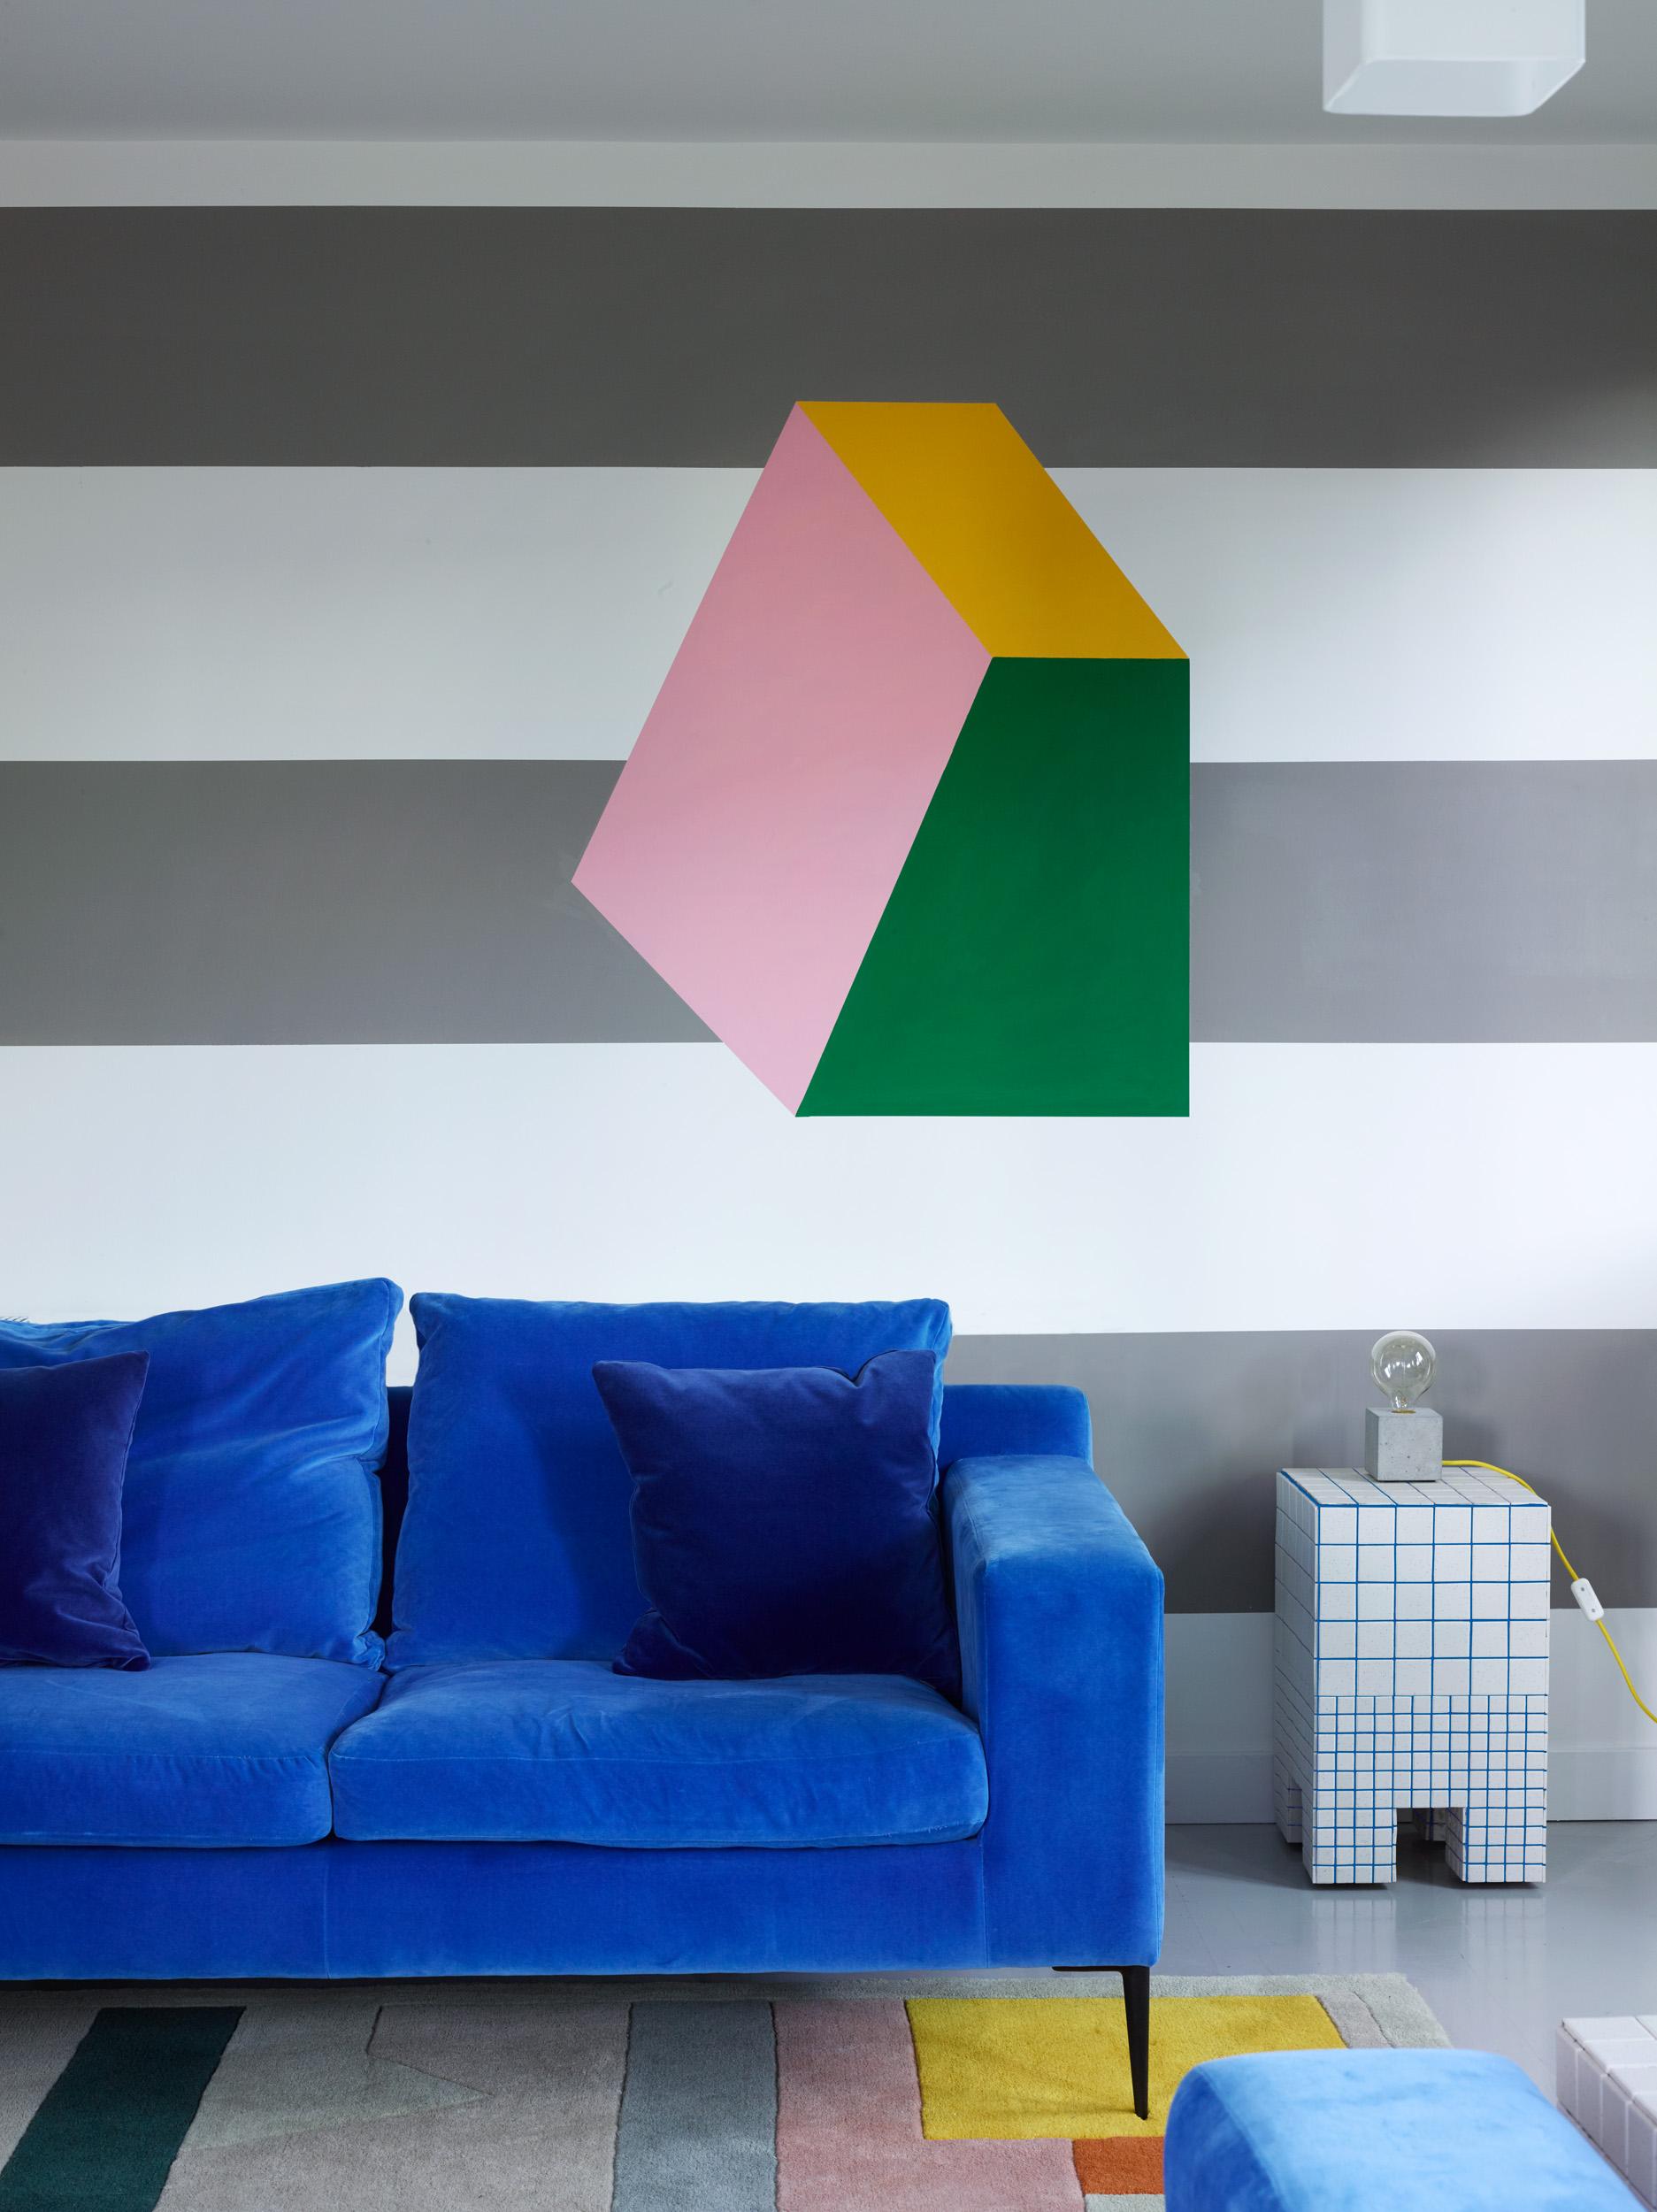 rachael-smith-interiors-14122019-085